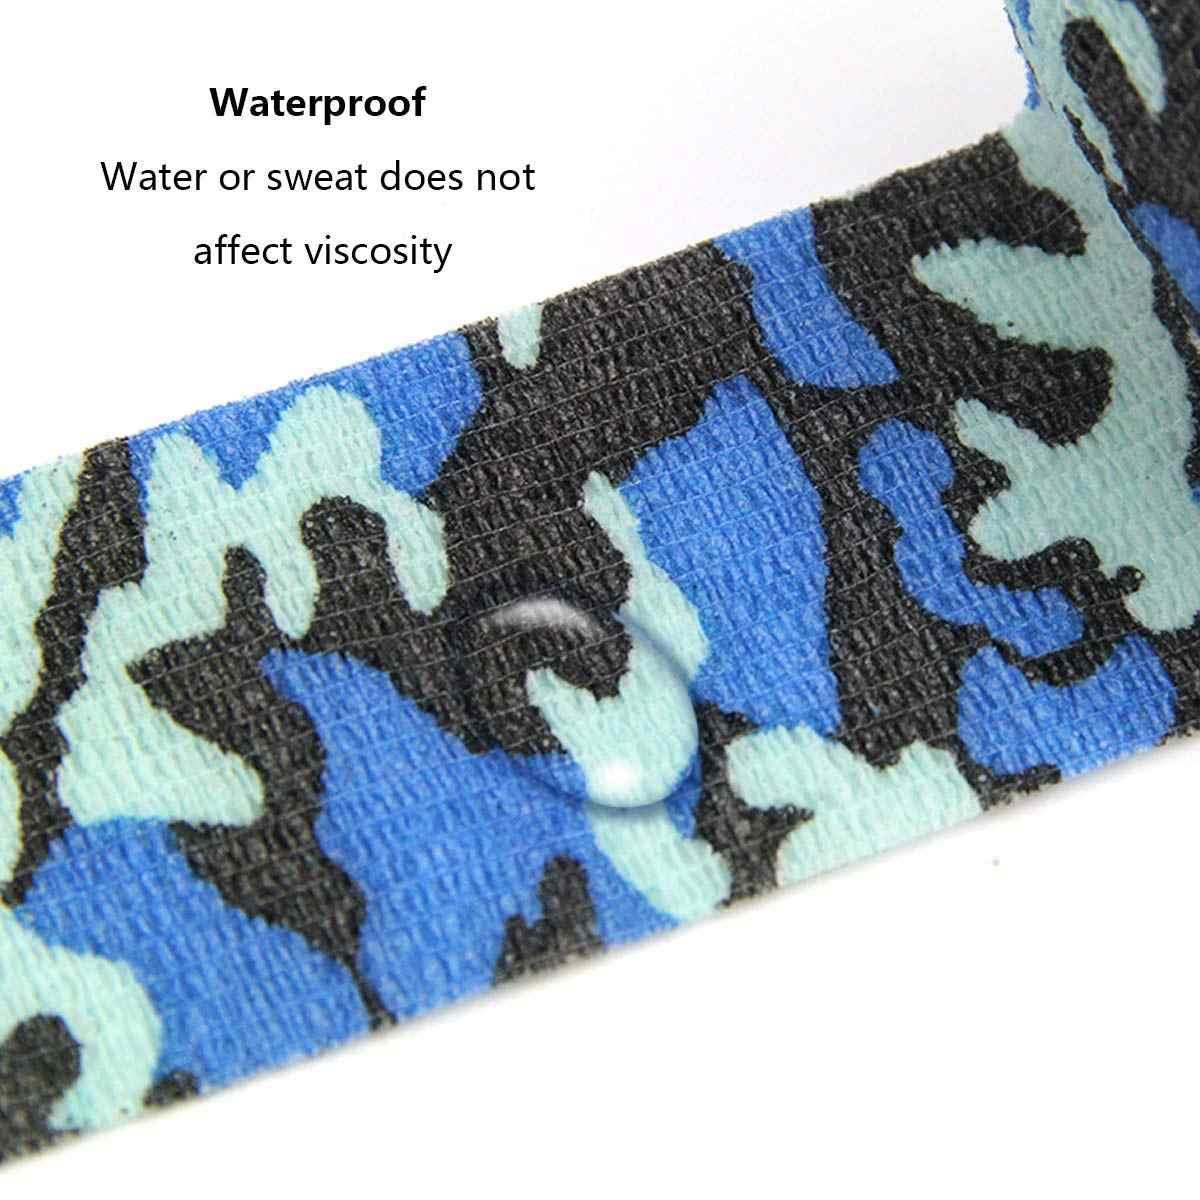 10 см X 4,5 м высококачественный ветеринарный обертывание цветной клей водонепроницаемый конский медицинский нетканый эластичный бинт